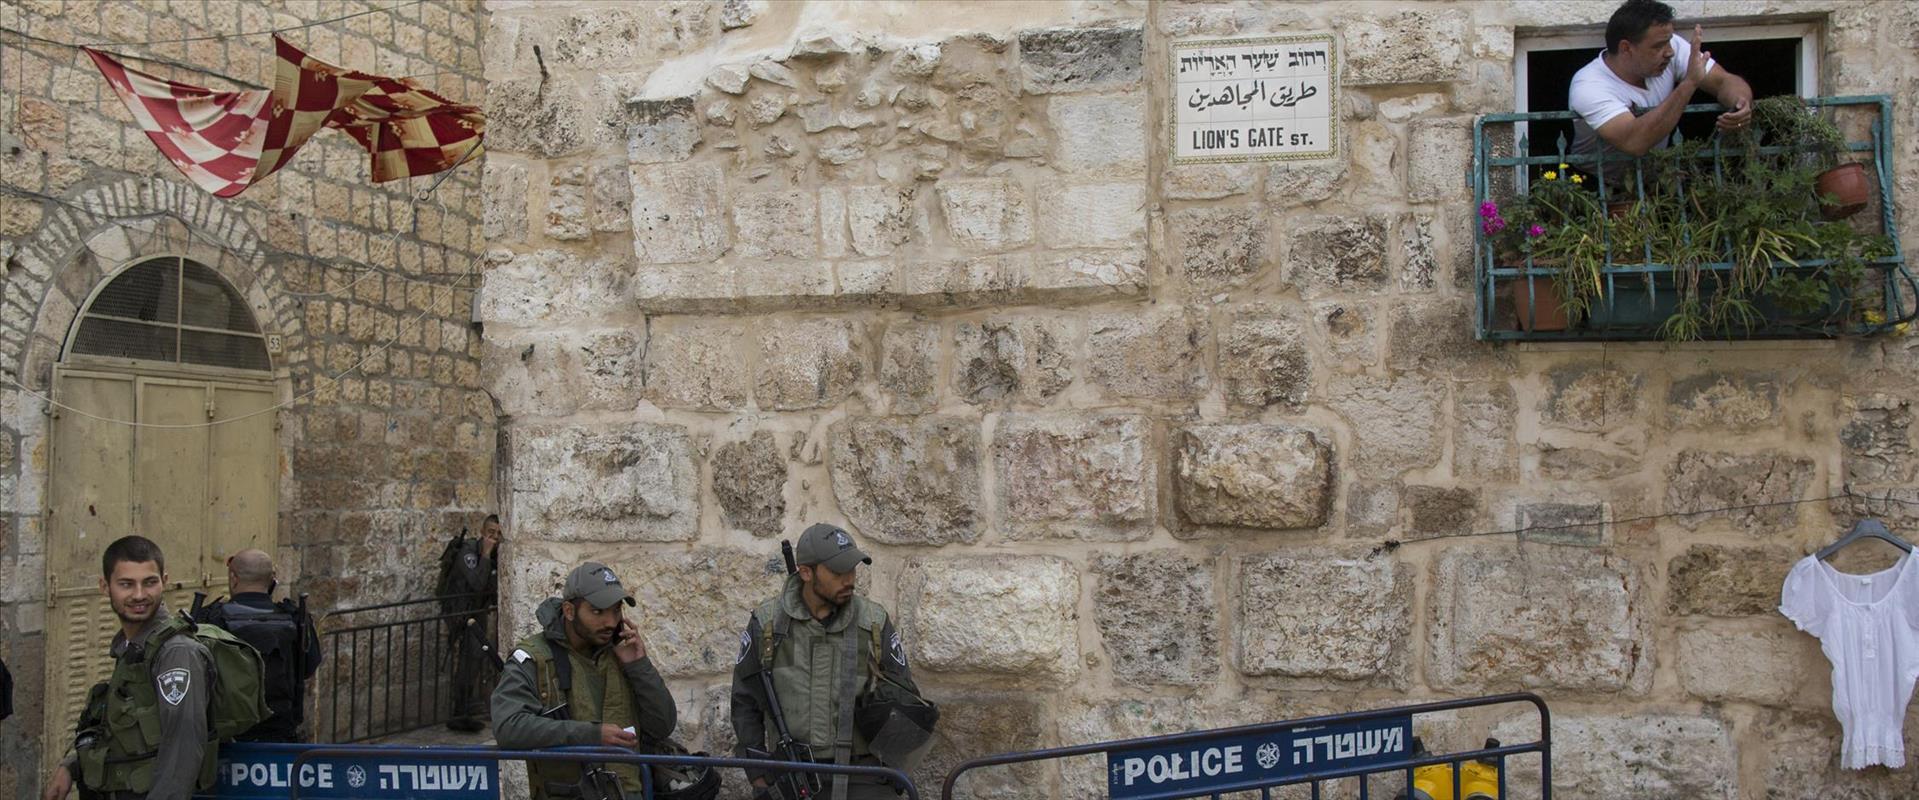 העיר העתיקה בירושלים, ארכיון